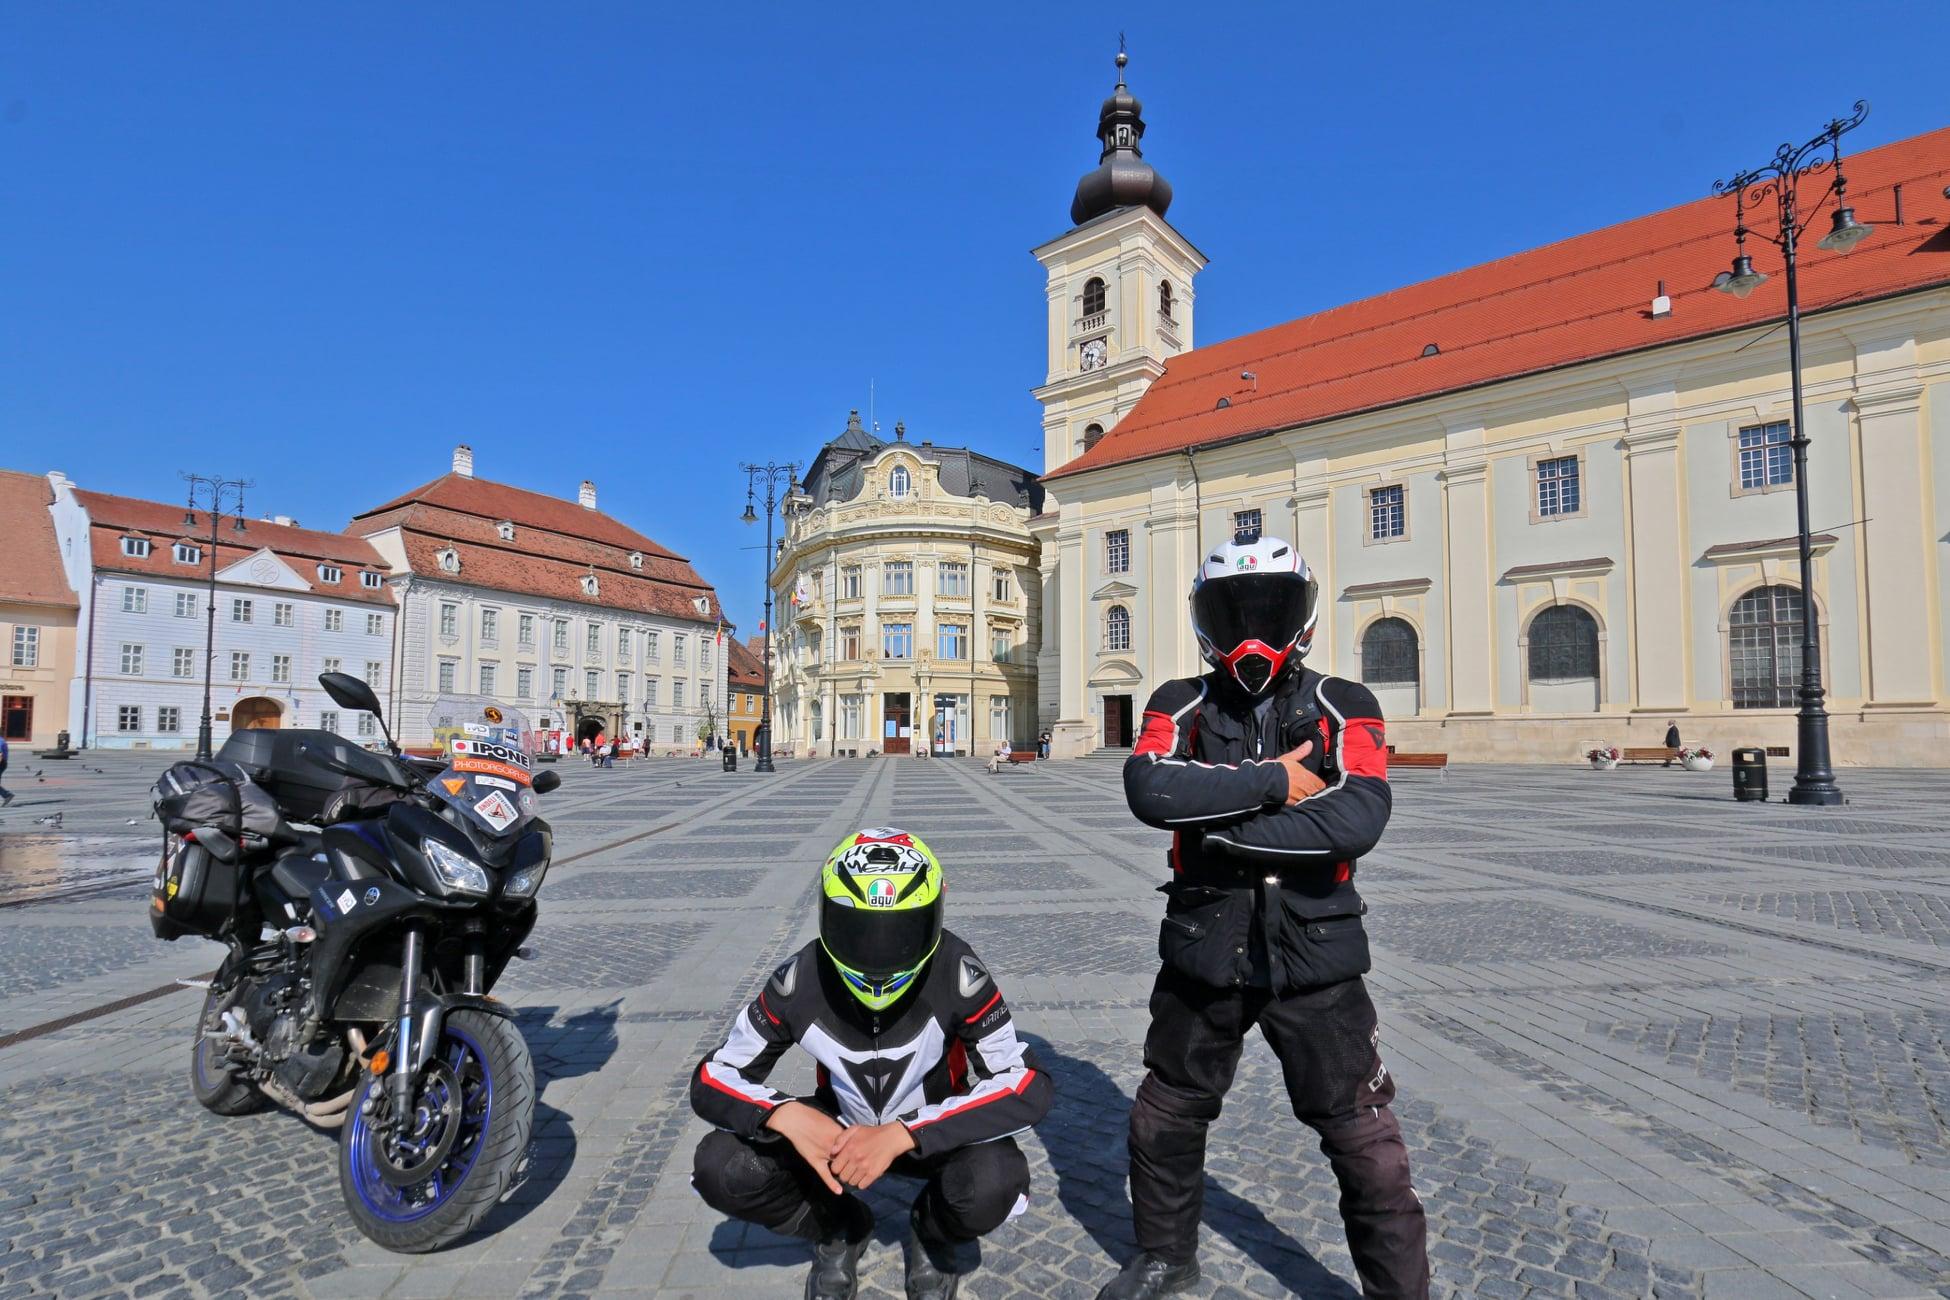 Unul din puținii turiști străini care ne-a vizitat în plină pandemie: Cel mai frumos oraș-monument al României se numește Sibiu